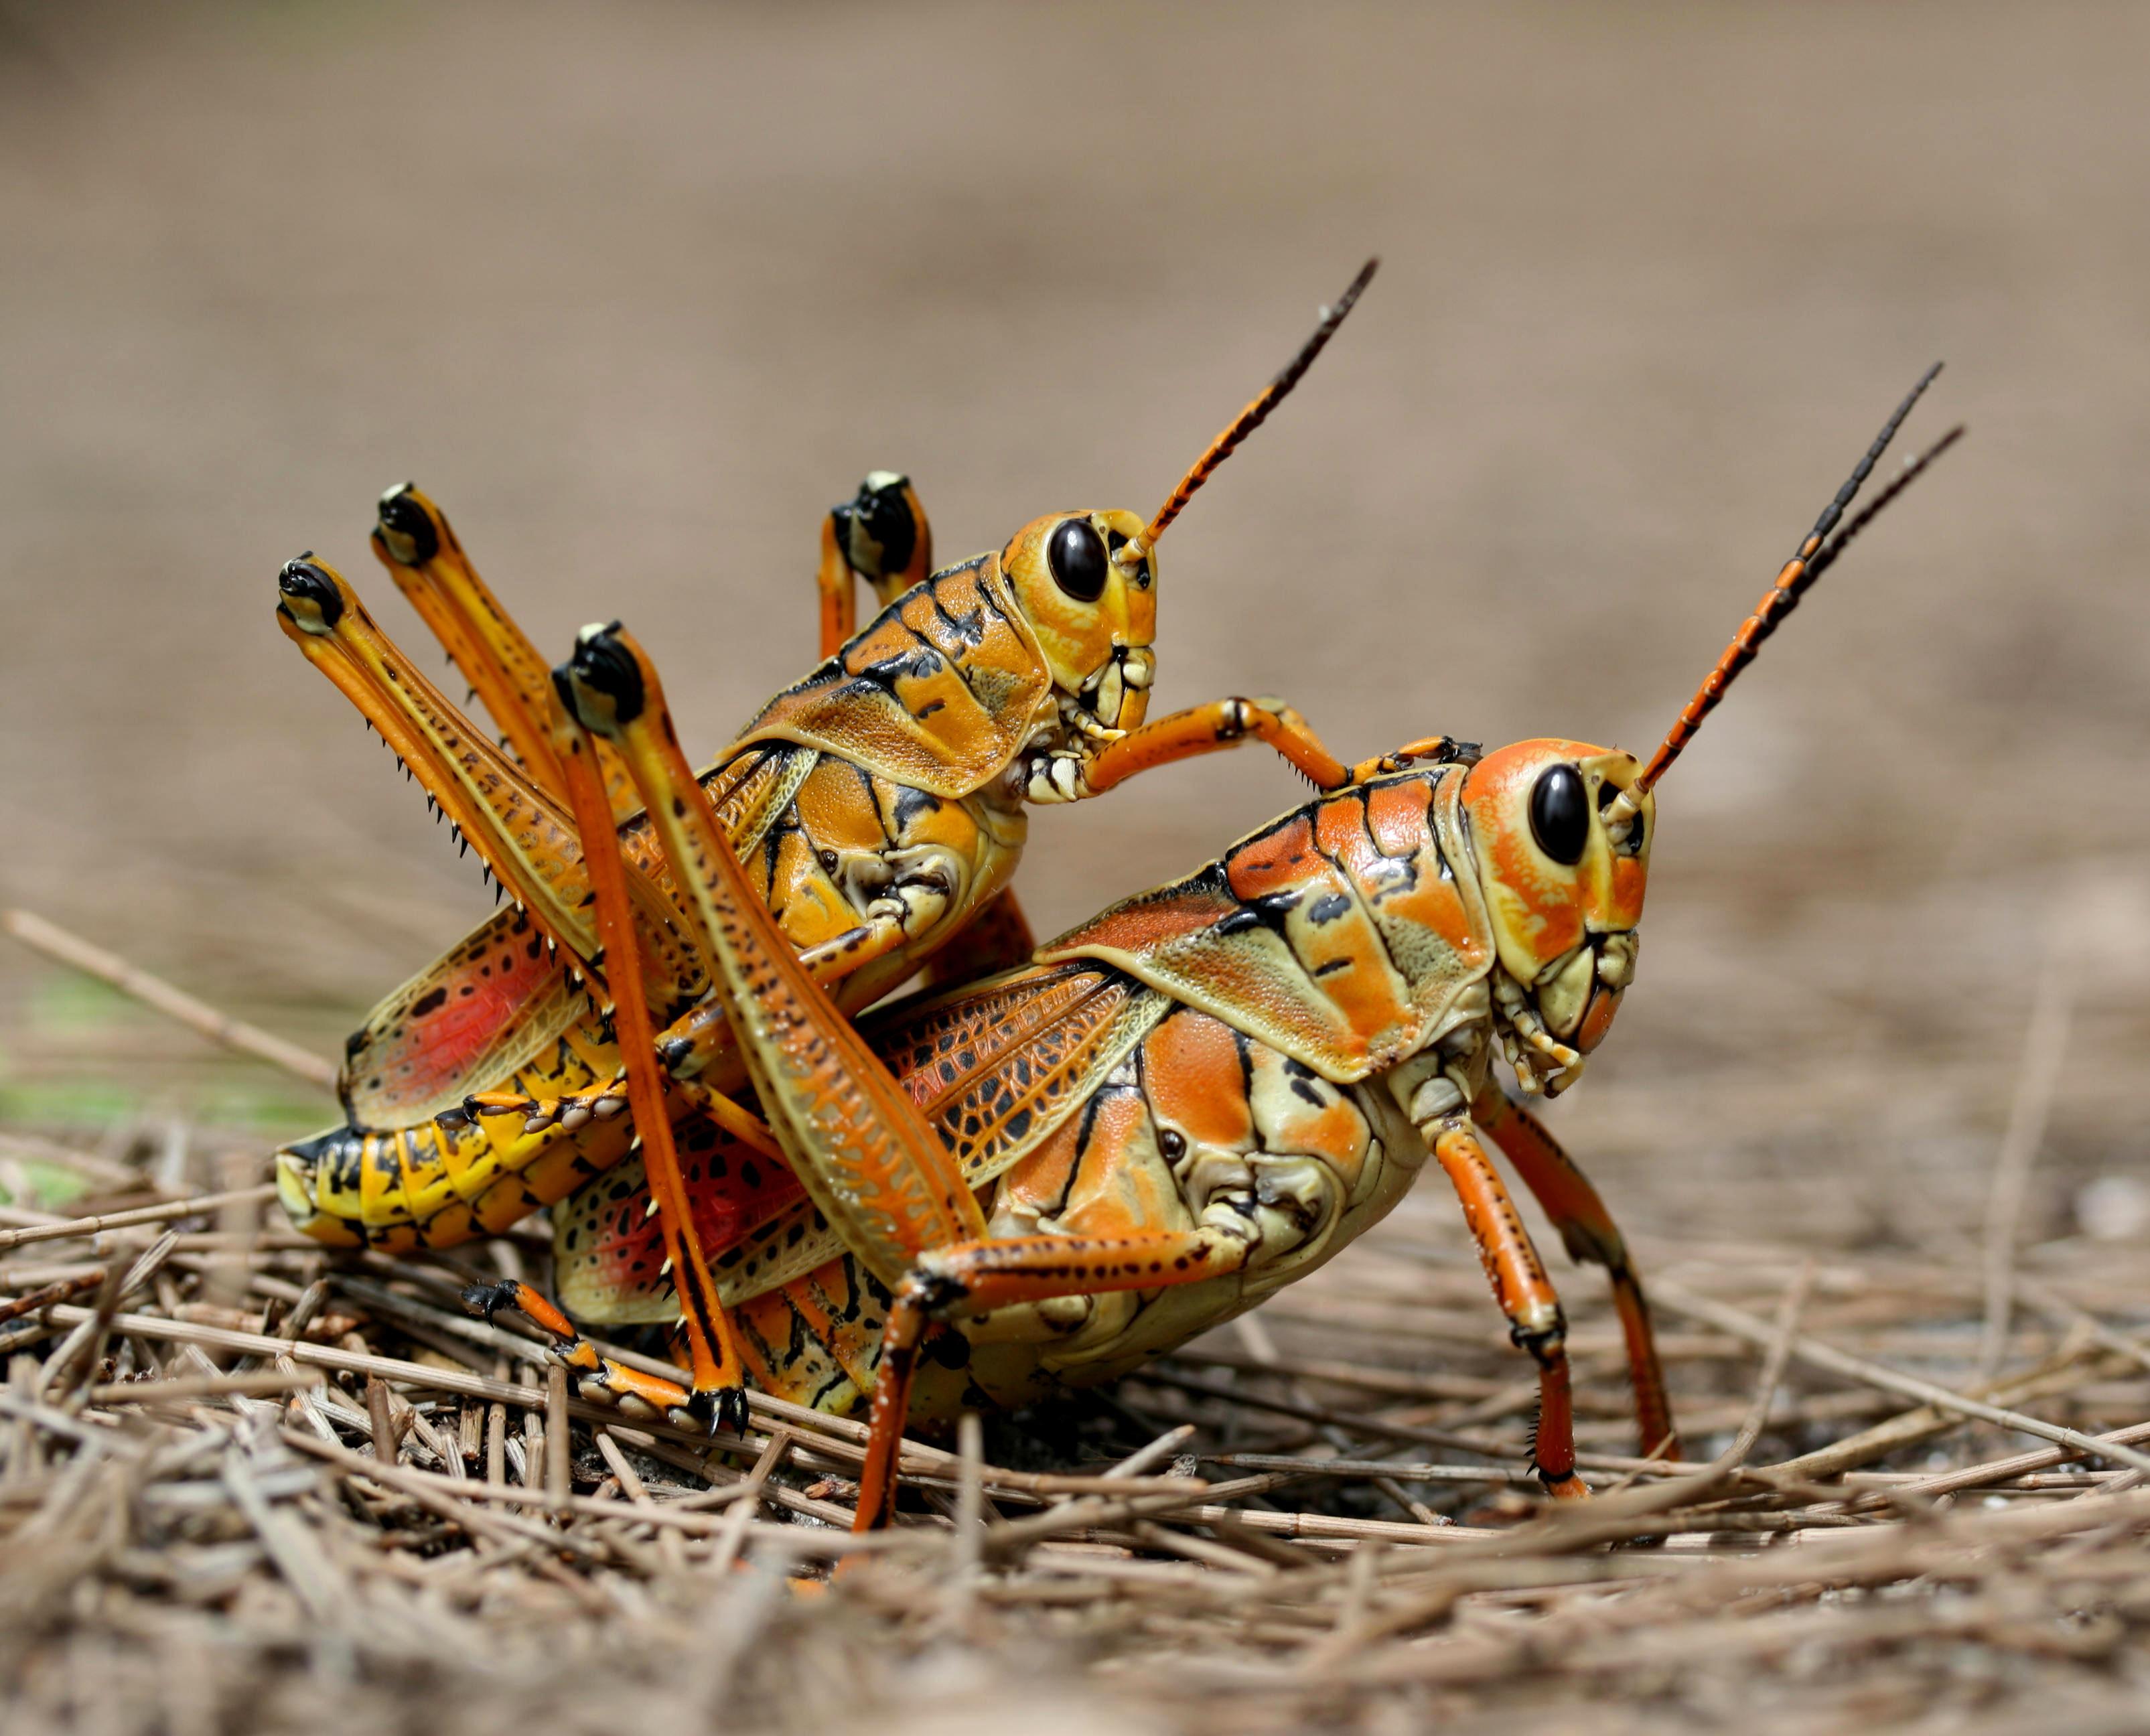 Grasshopper - Wikipedia